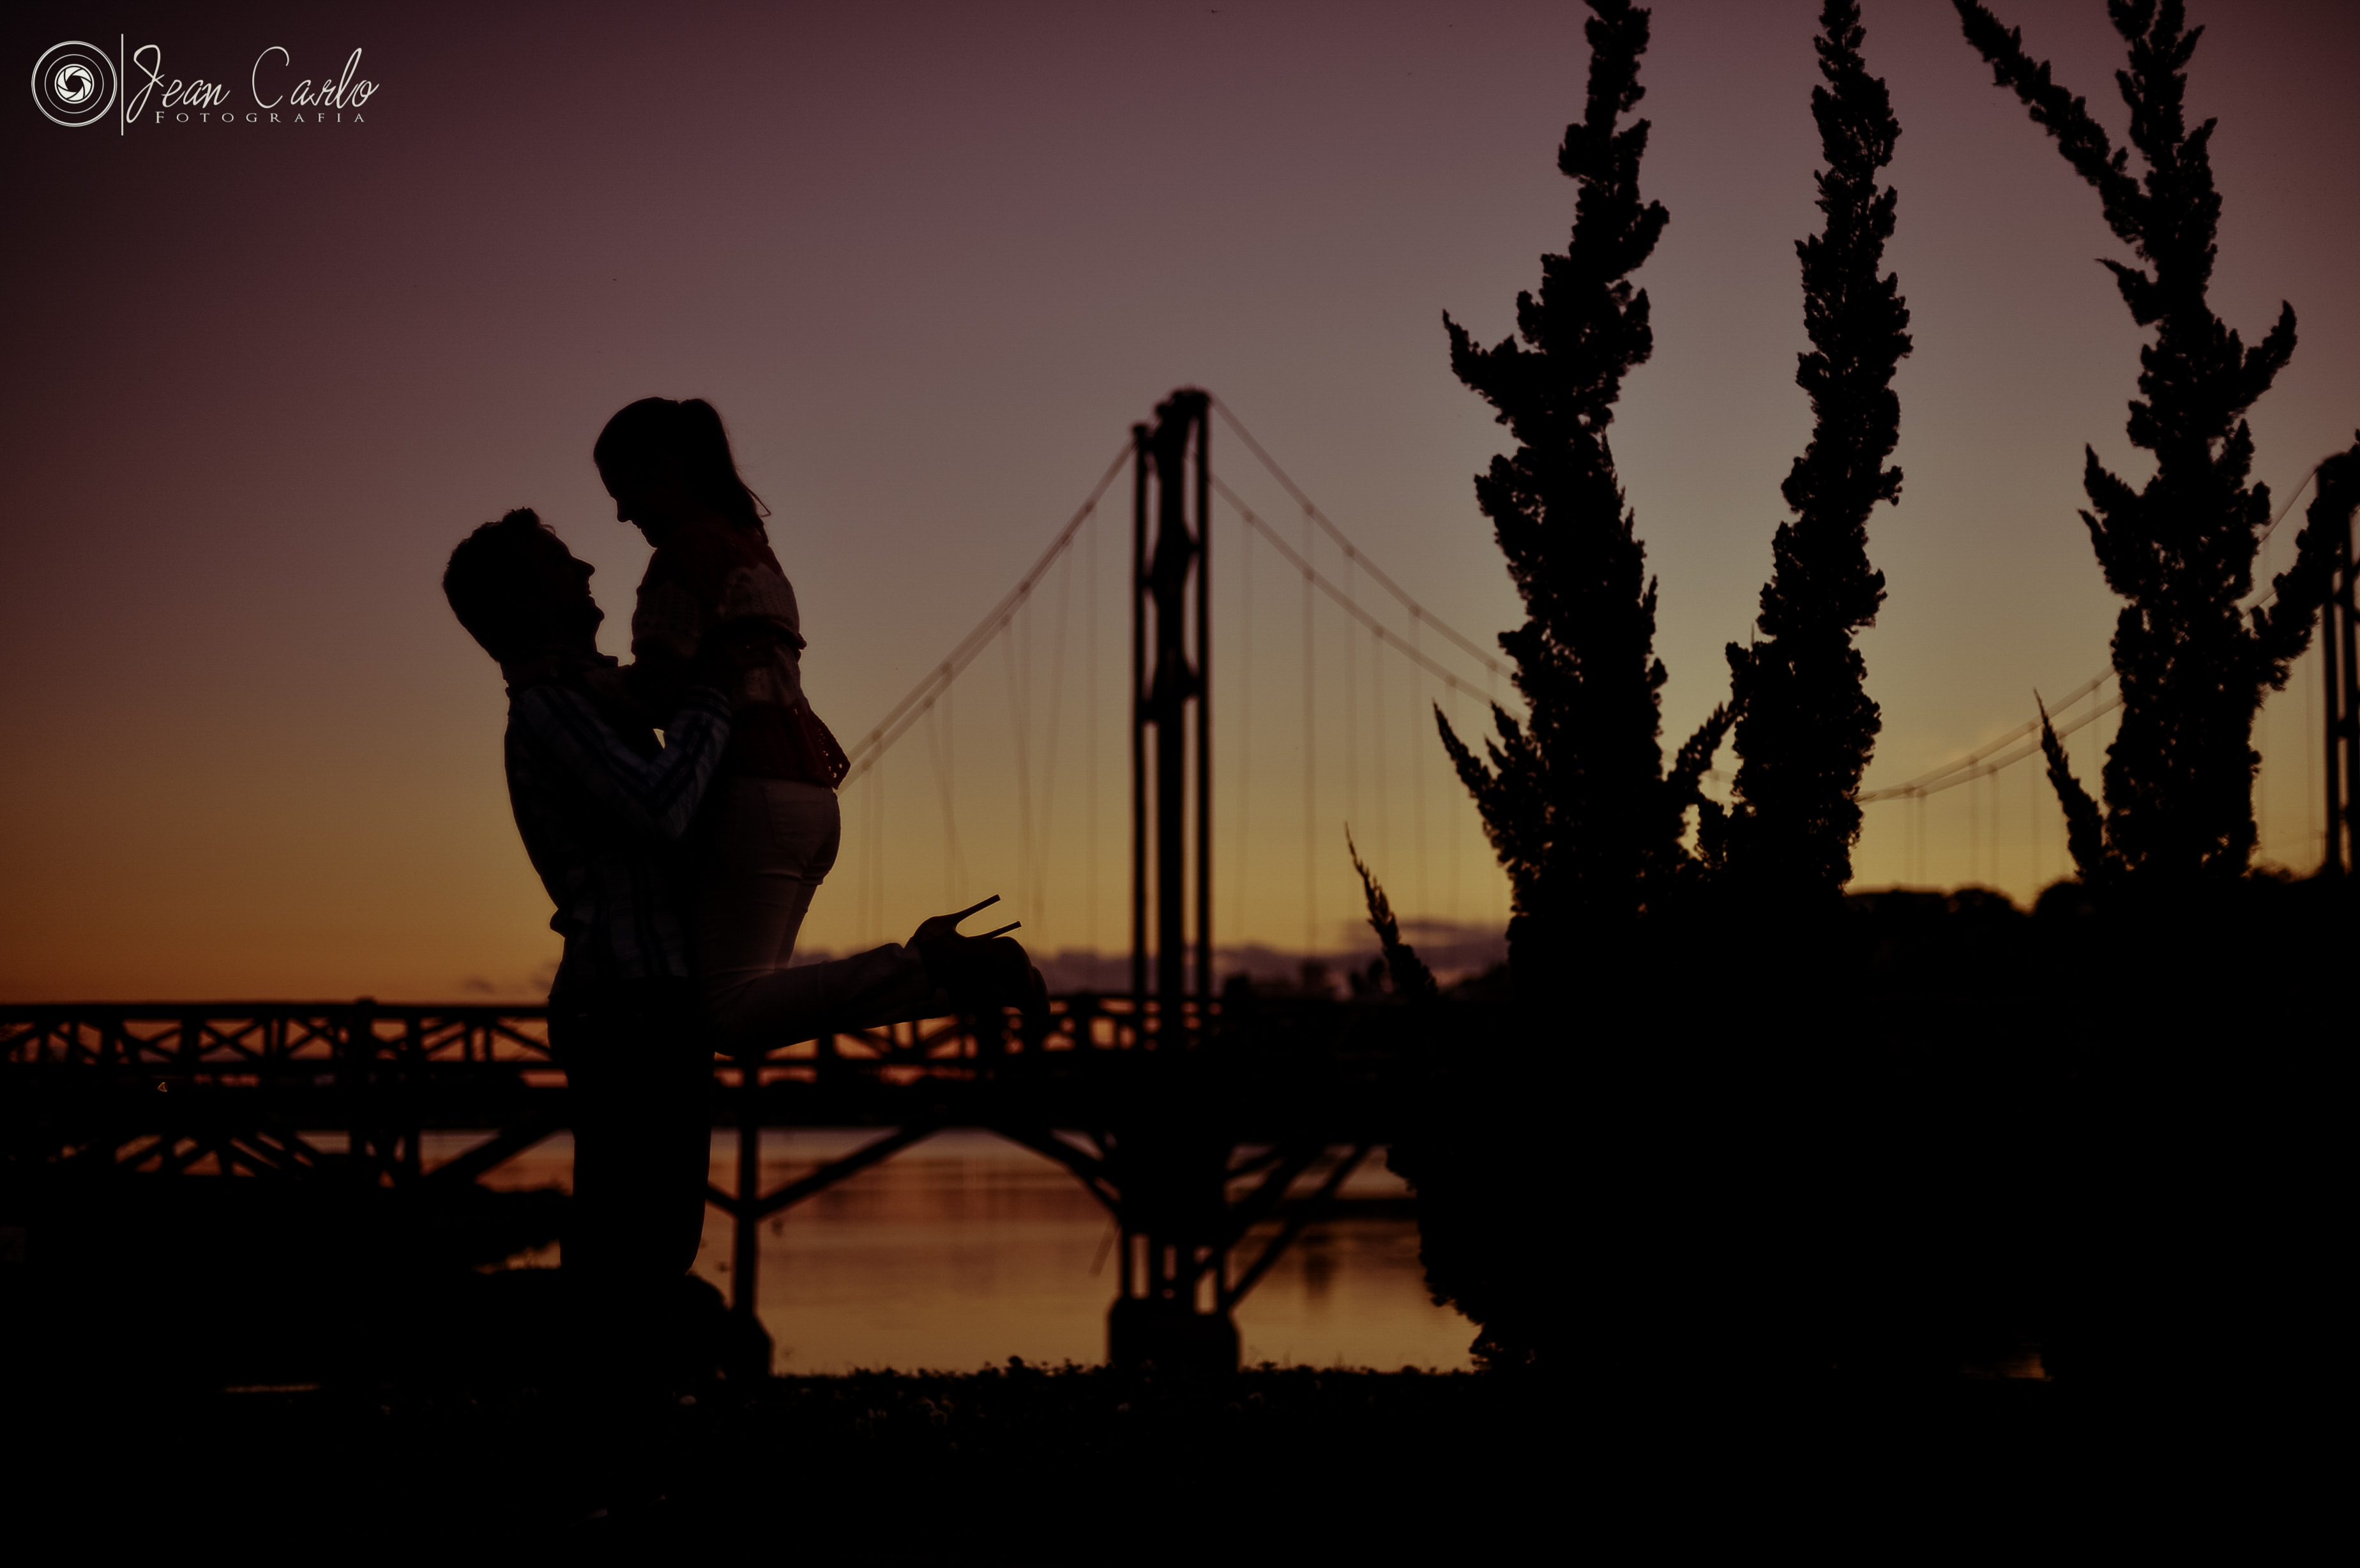 Contate Fotógrafo de casamentos e ensaios Guarapuava - Jean Carlo